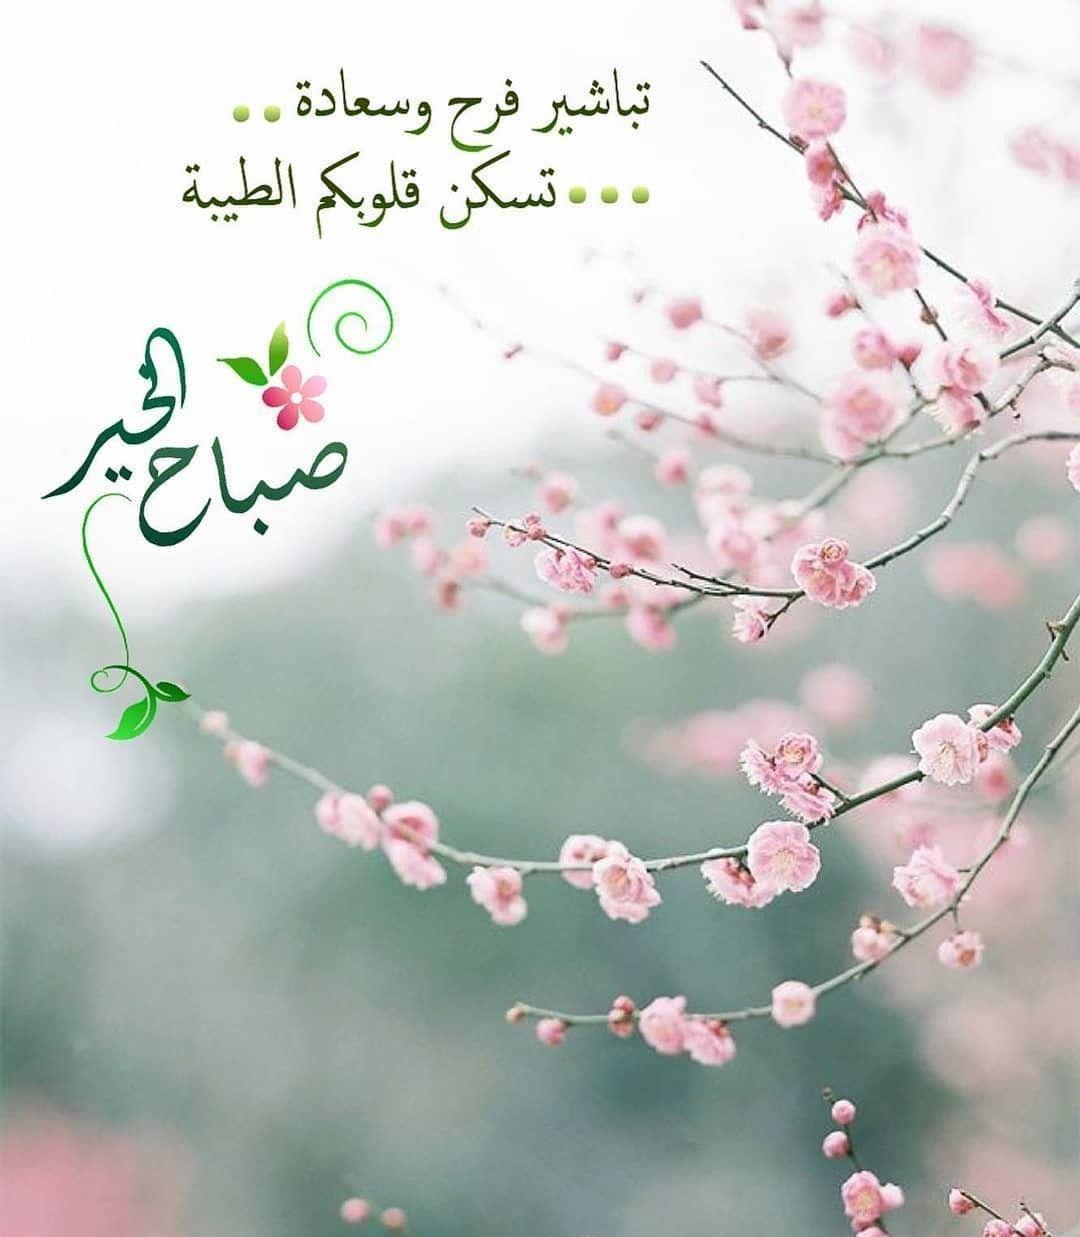 مساء الخير شعر Guten Morgen Blumen Guten Morgen Blumen